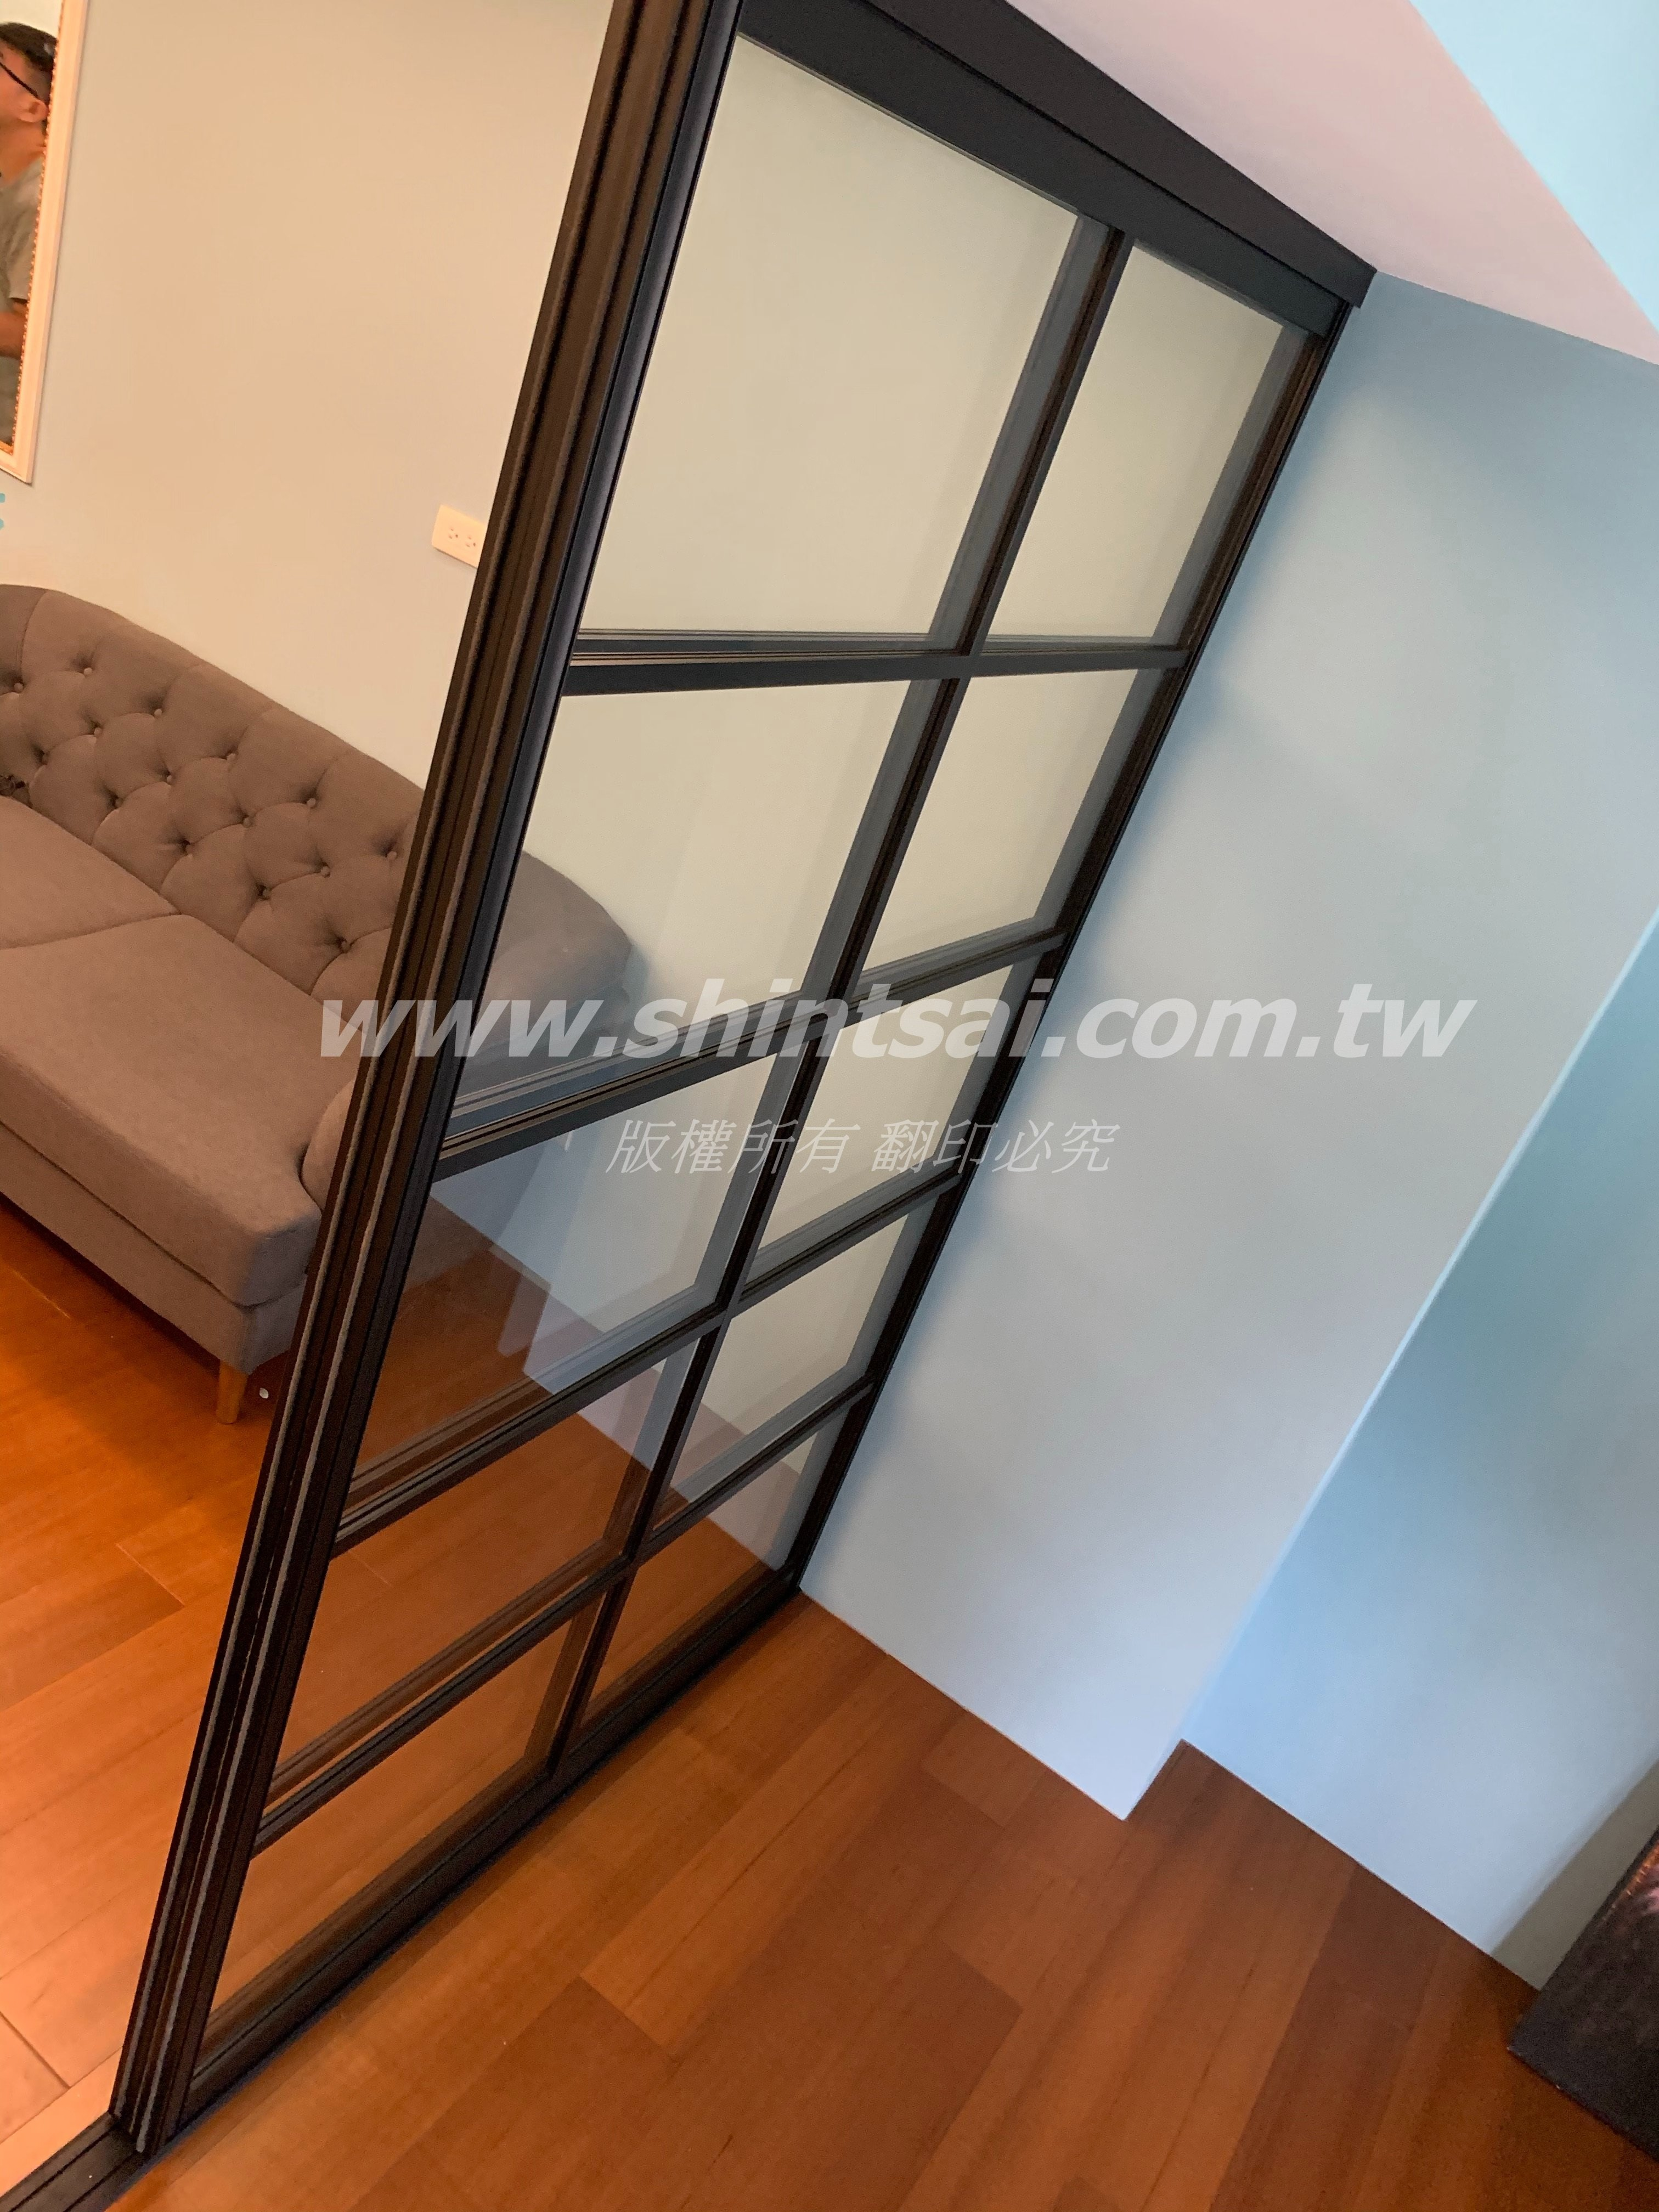 shintsai玻璃工程 隔間玻璃拉門 鋁框推拉門 懸吊門 鋁框拉門 玻璃拉門 書房玻璃門